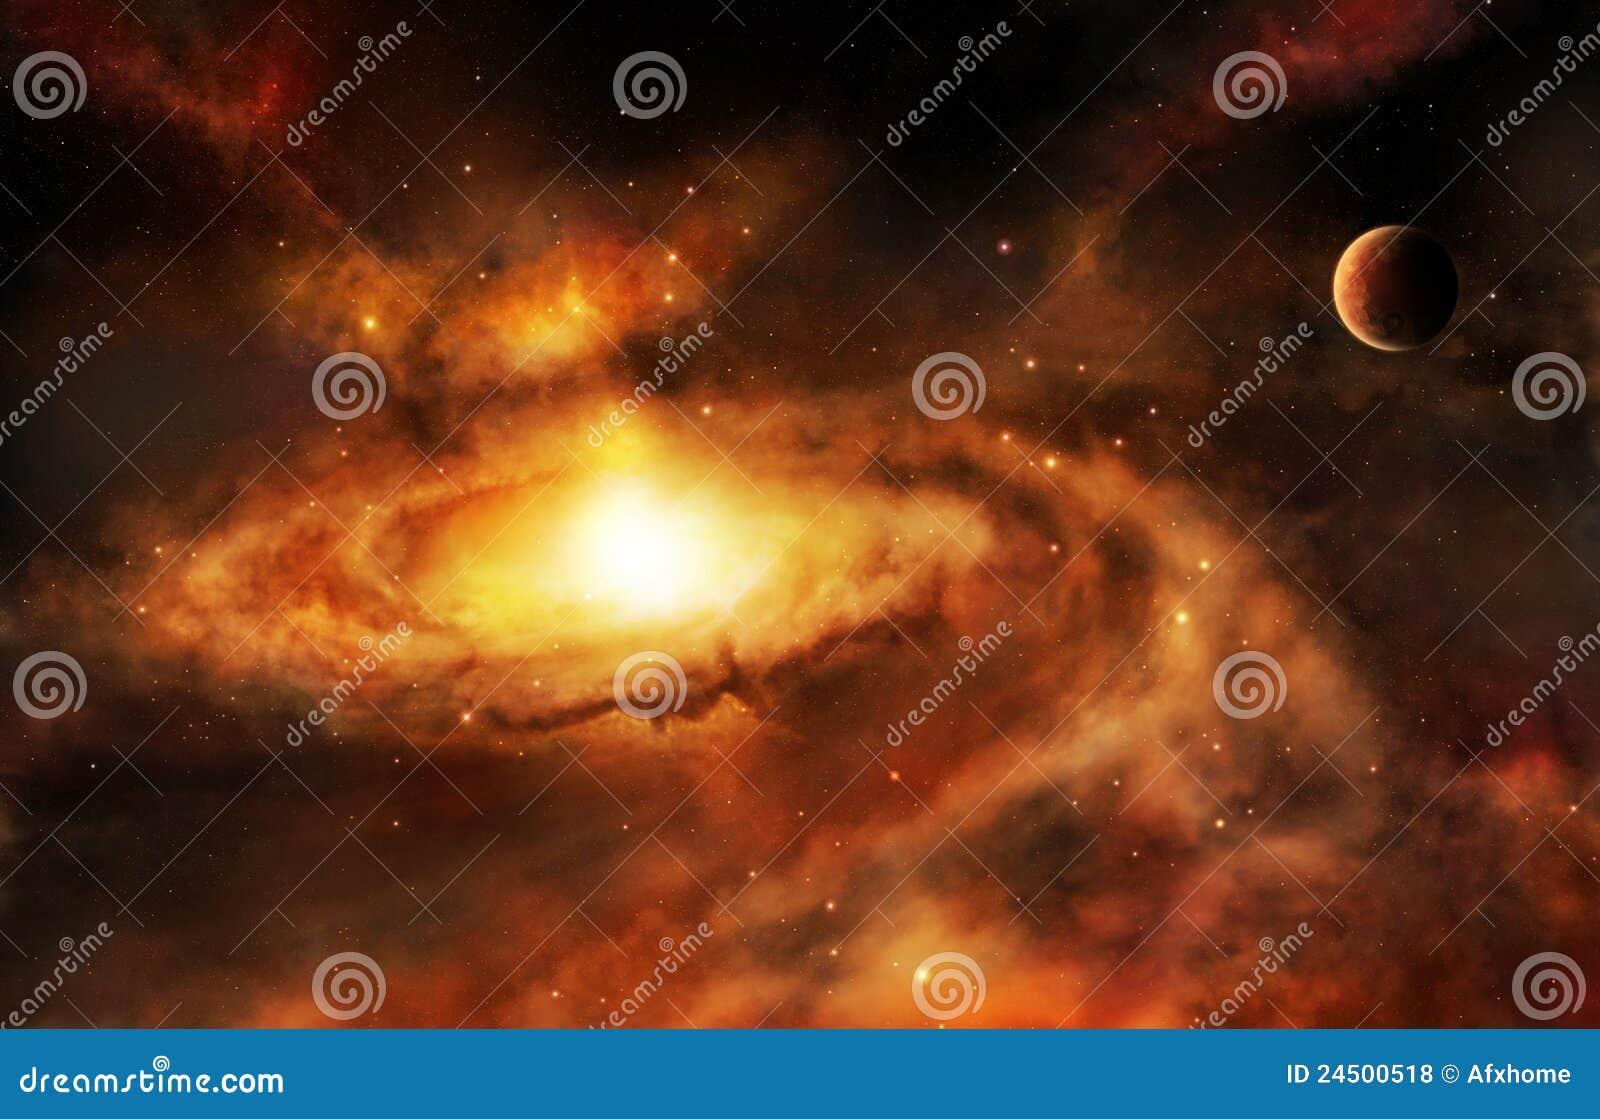 För galaxnebula för kärna djupt avstånd